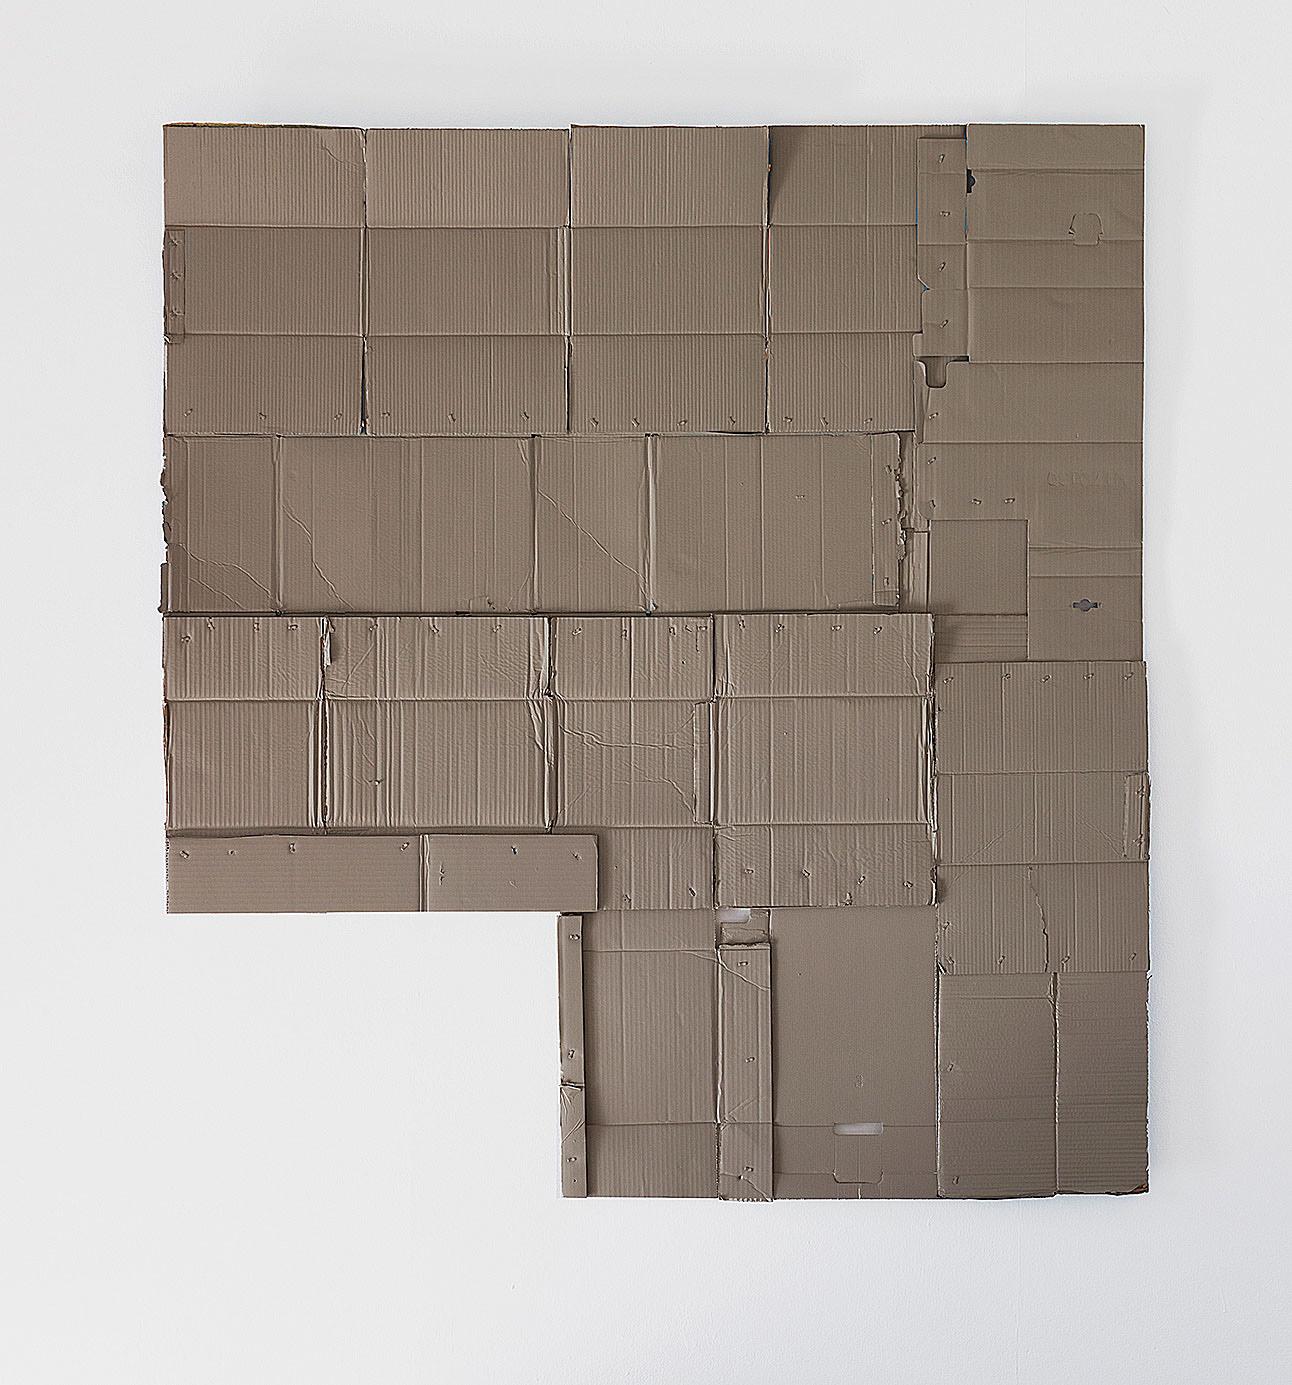 o.T._2017 Lack_Papp_177 x 158 cm